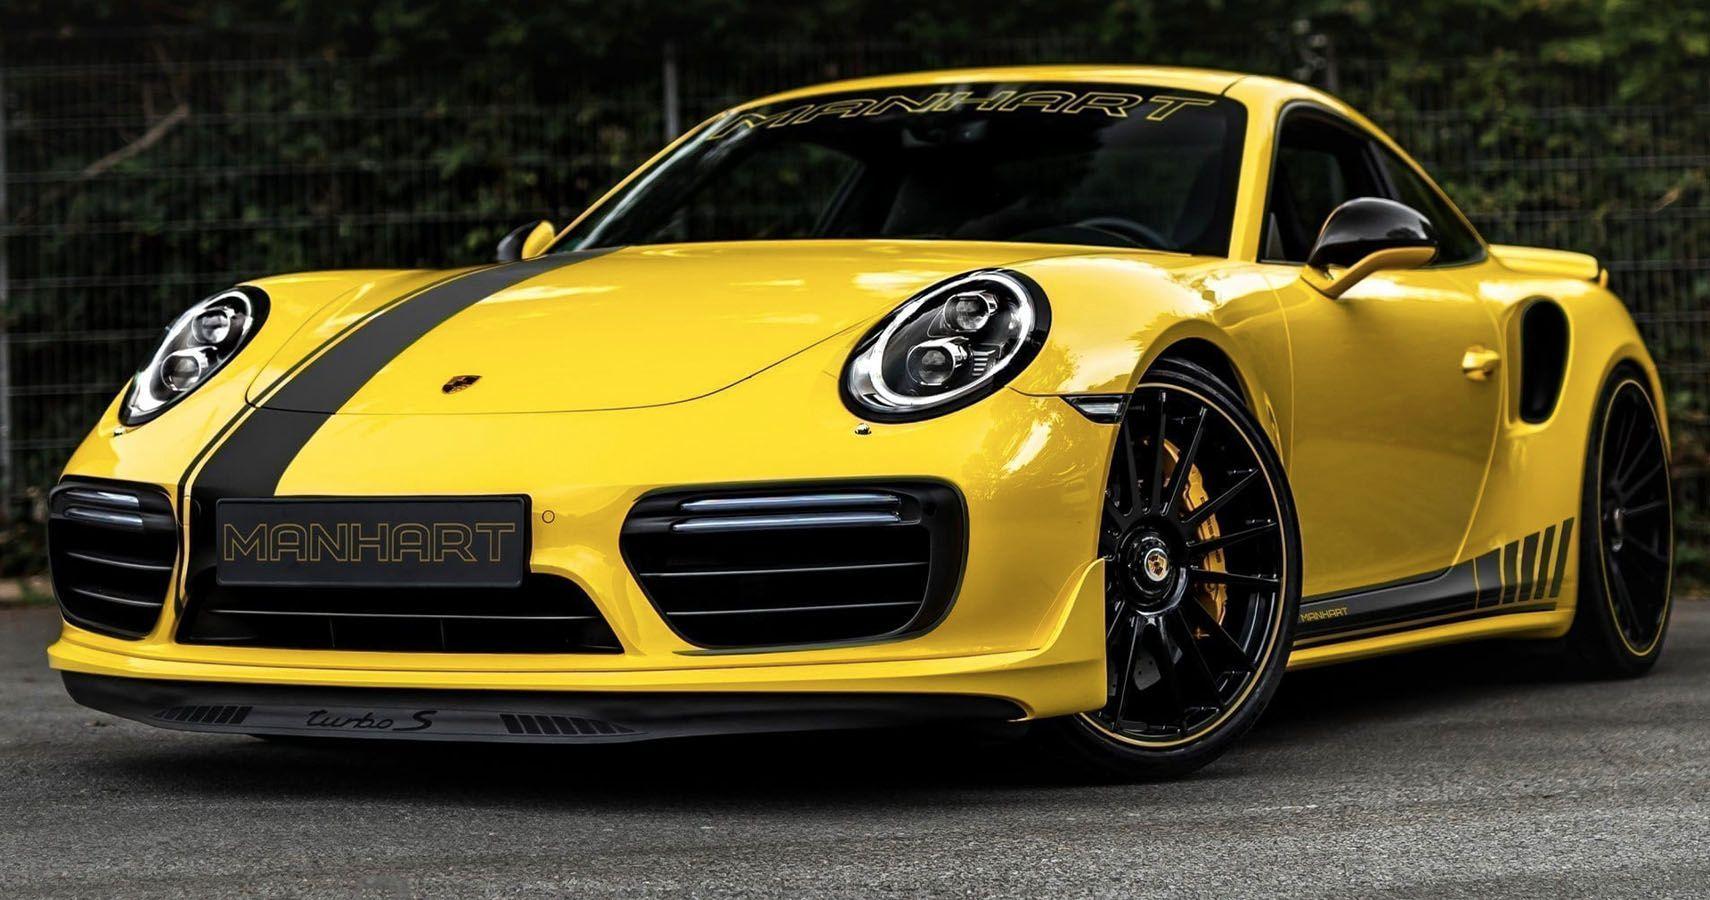 Manhart Unveils 850-HP Porsche 911 Turbo S